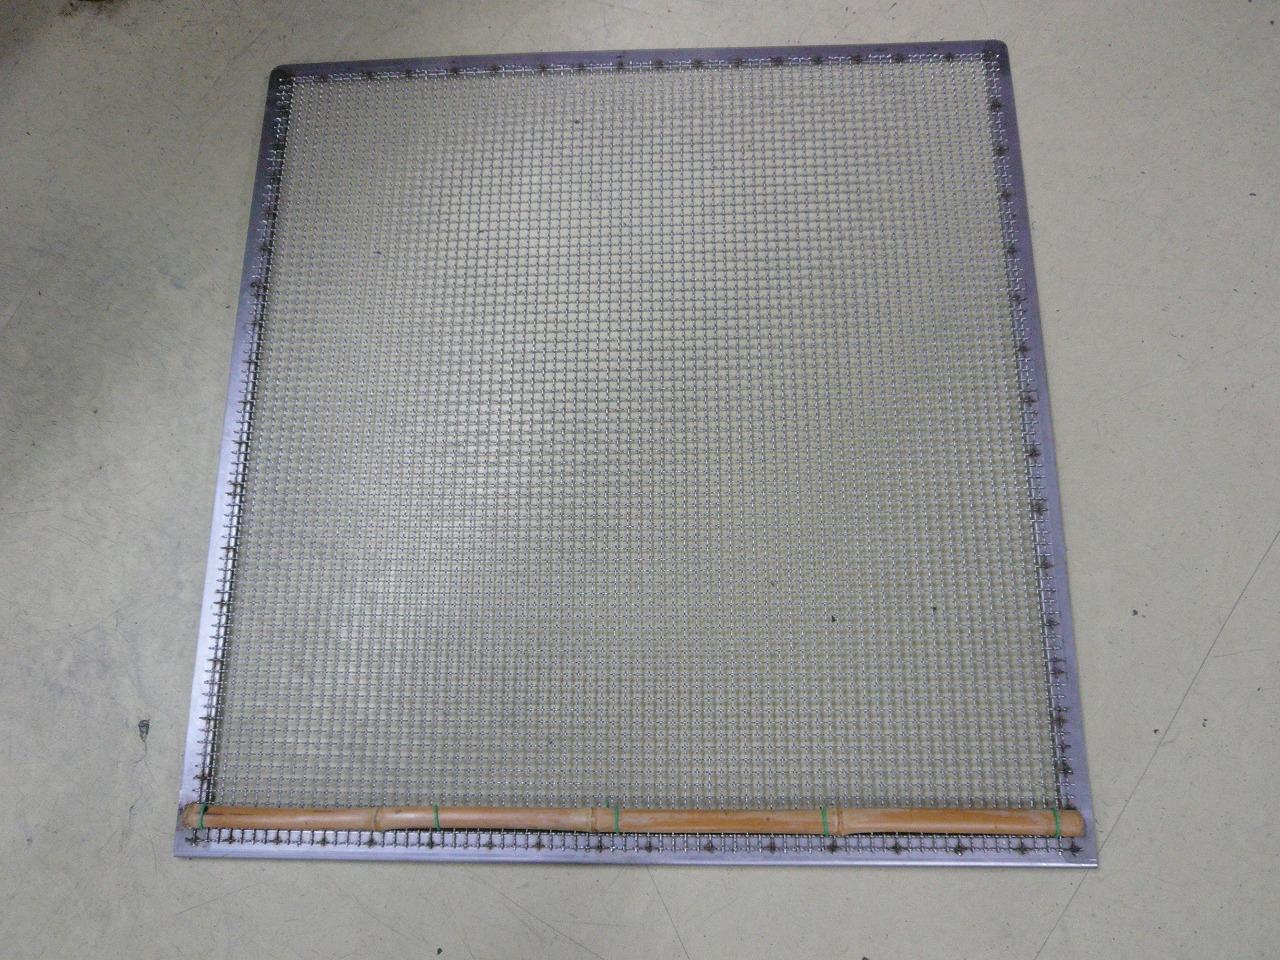 空調機器網蓋の溶接修理